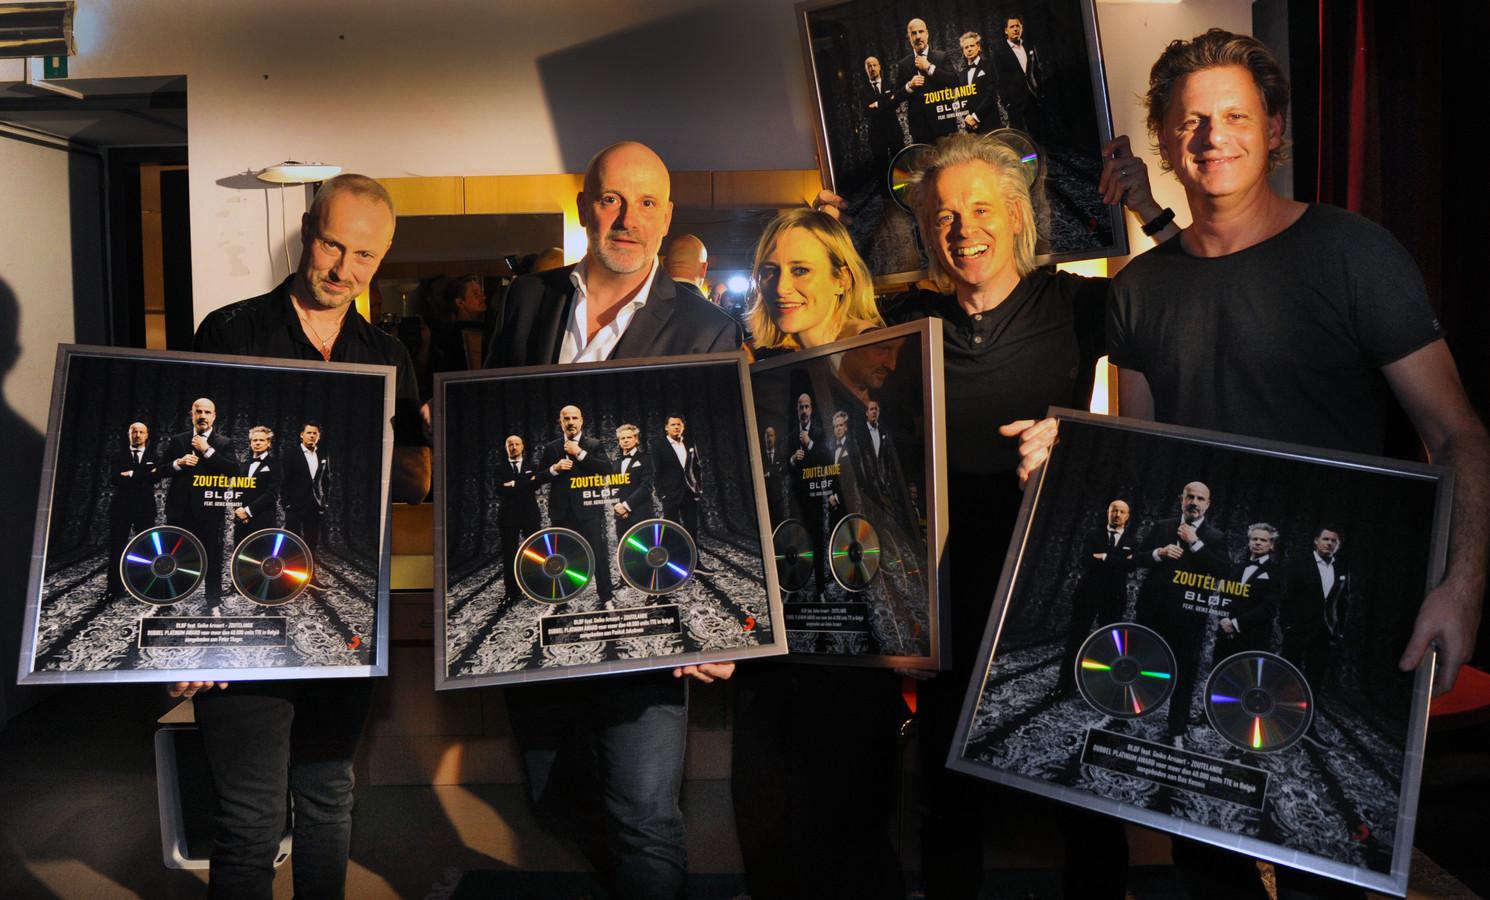 BLØF en Geike Arnaert nemen een platina plaat in ontvangst voor 'Zoutelande'.